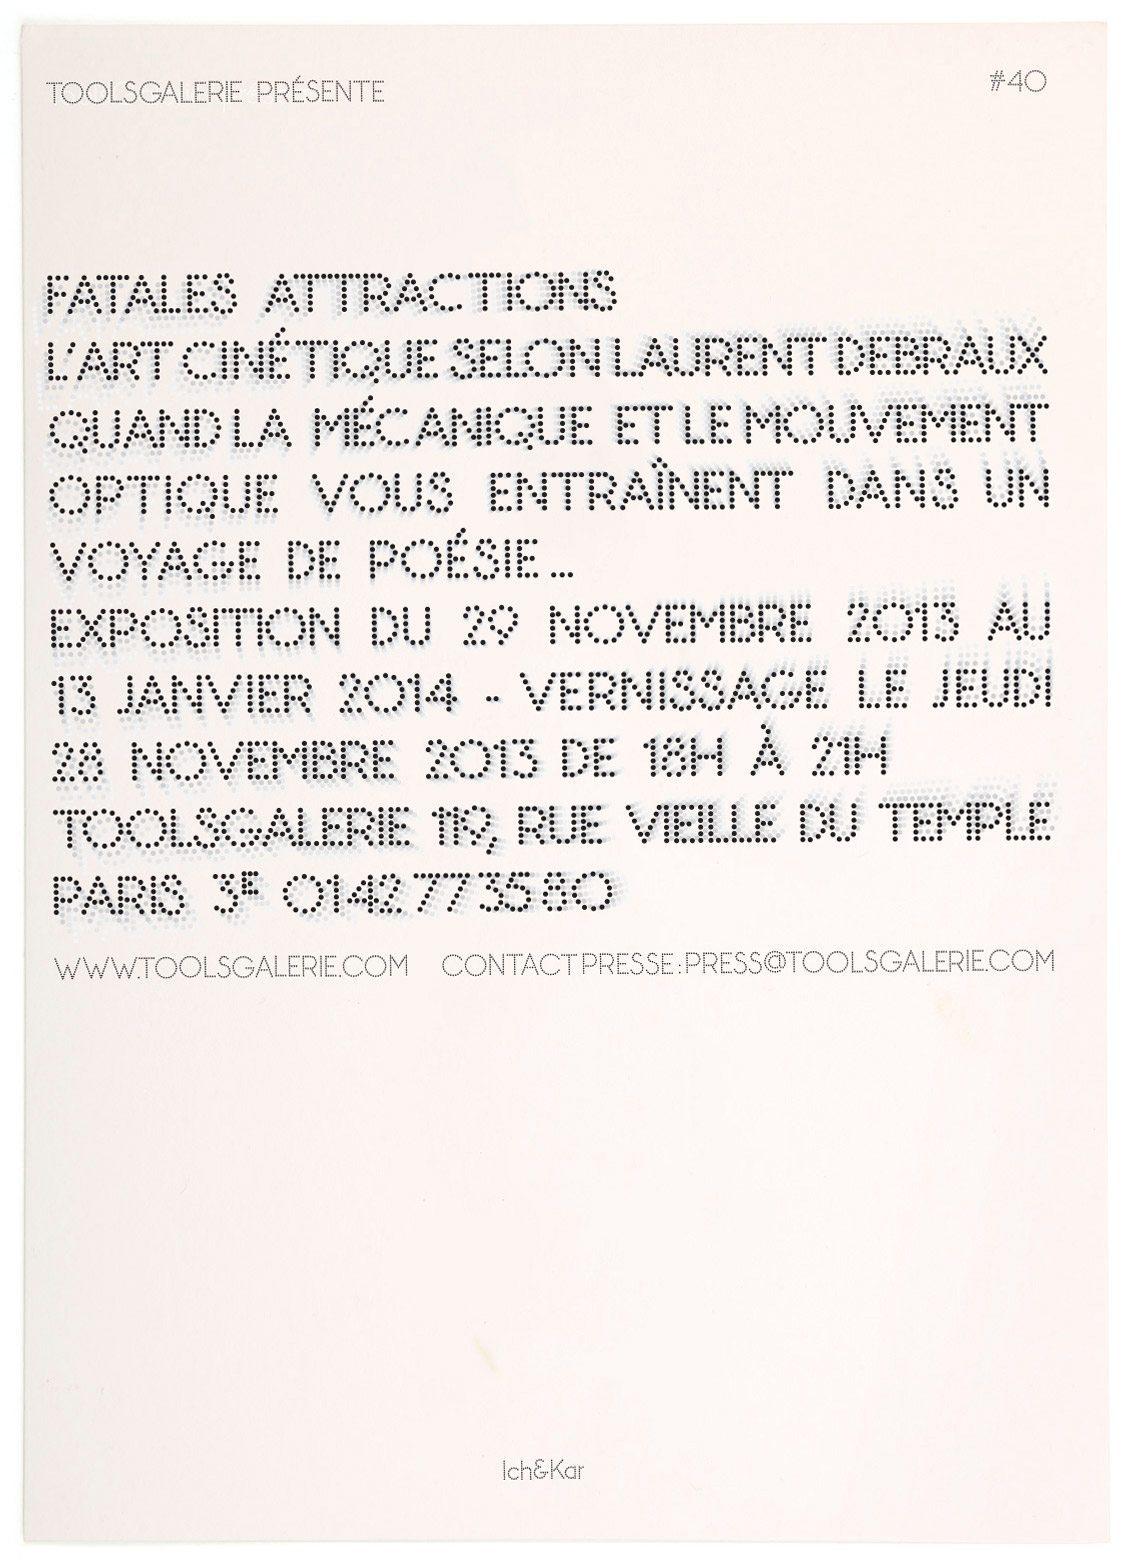 Le carton d'invitation pour Fatales Attractions, l'art cinétique selon Laurent Debraux, design IchetKar